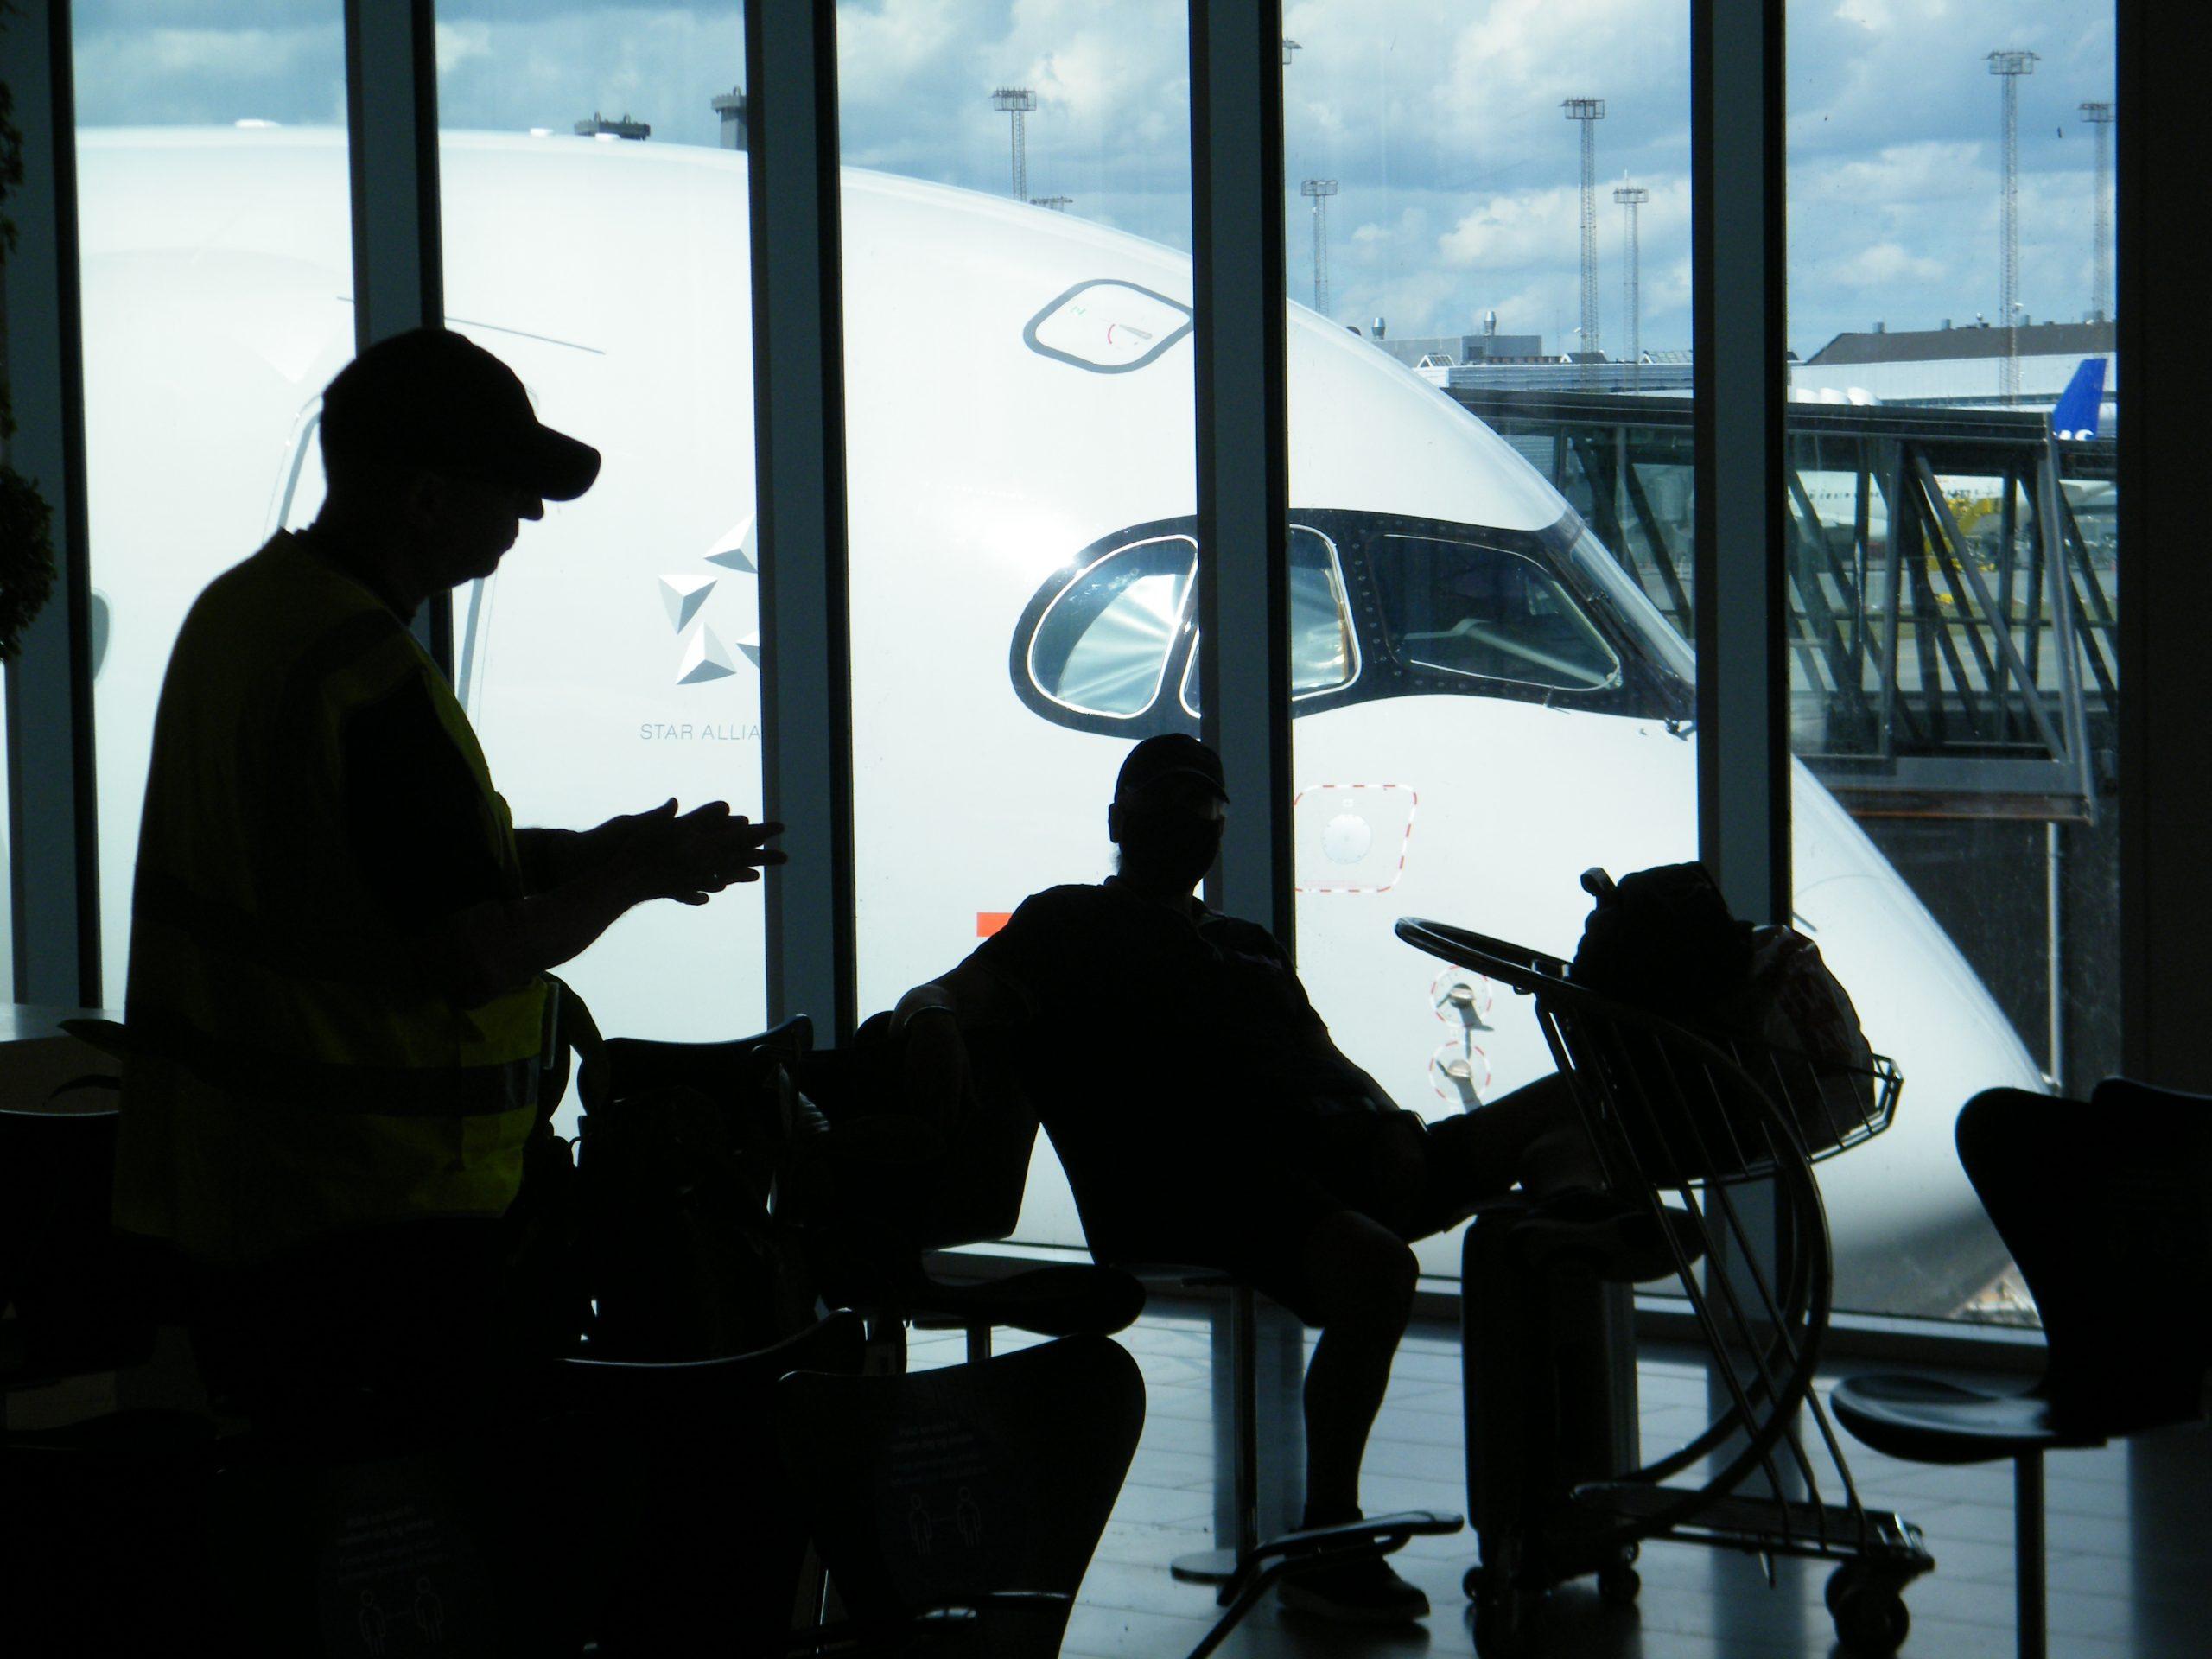 """Brancheforeningen Dansk Luftfart ønsker mere genåbning i de danske rejsevejledninger, herunder at kategorien """"skraveret orange"""" udfases. Arkivfoto: Henrik Baumgarten."""